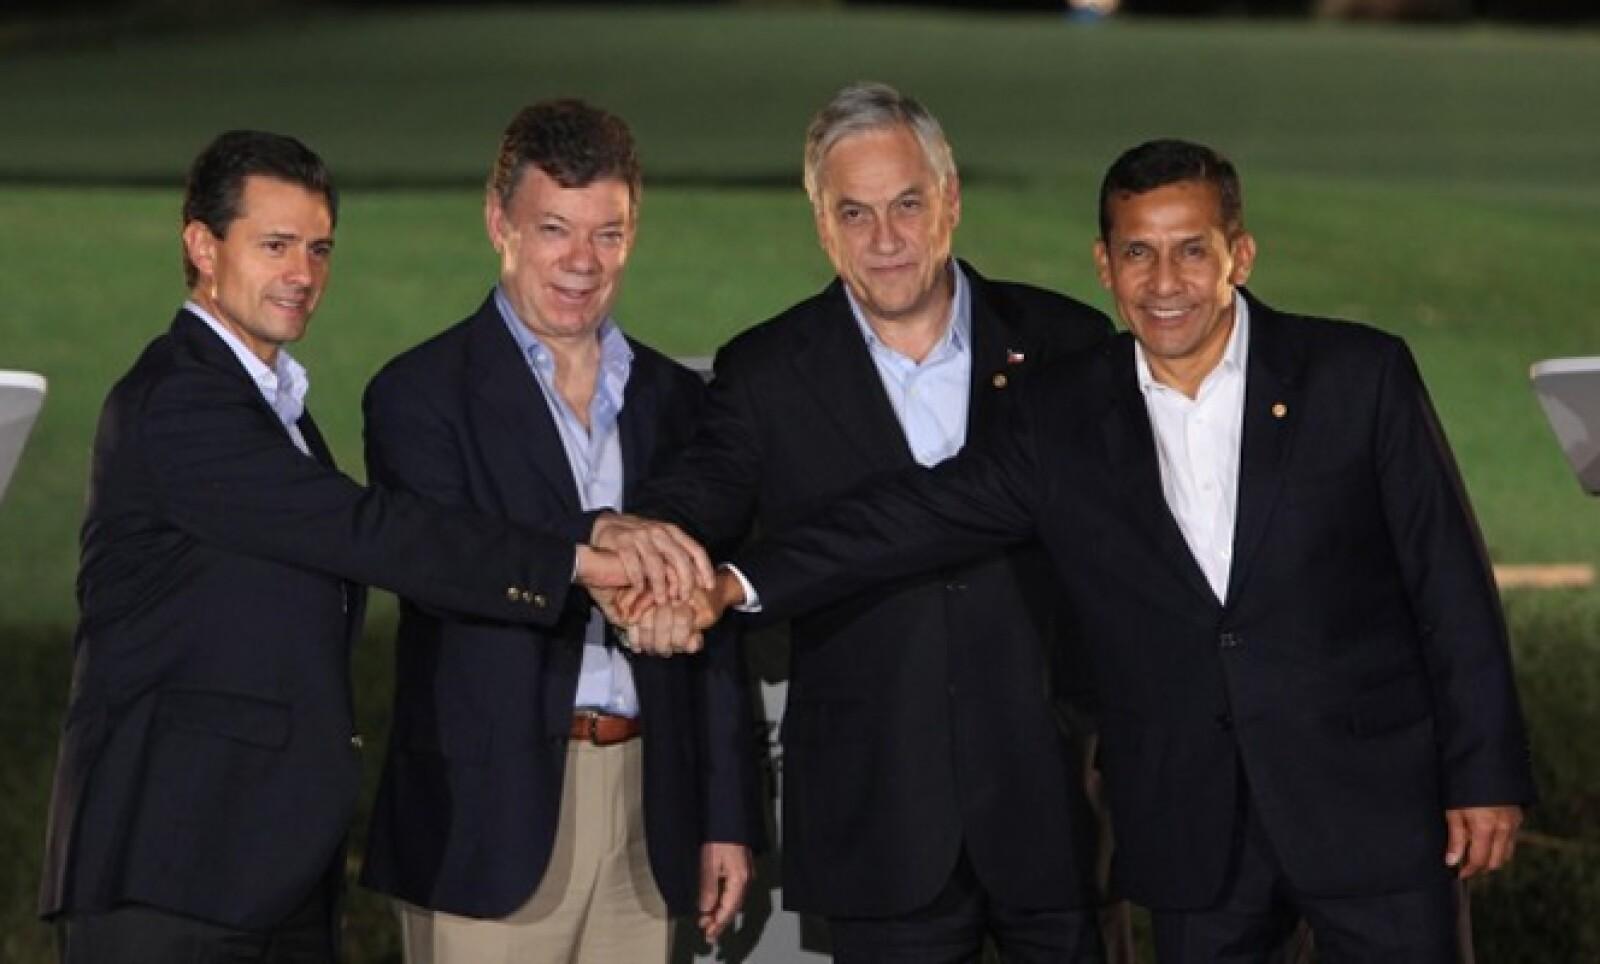 El 22 de mayo, el Enrique Peña arribó a Cali para participar en la séptima Cumbre de la Alianza del Pacífico (integrada por México, Colombia, Chile y Perú).